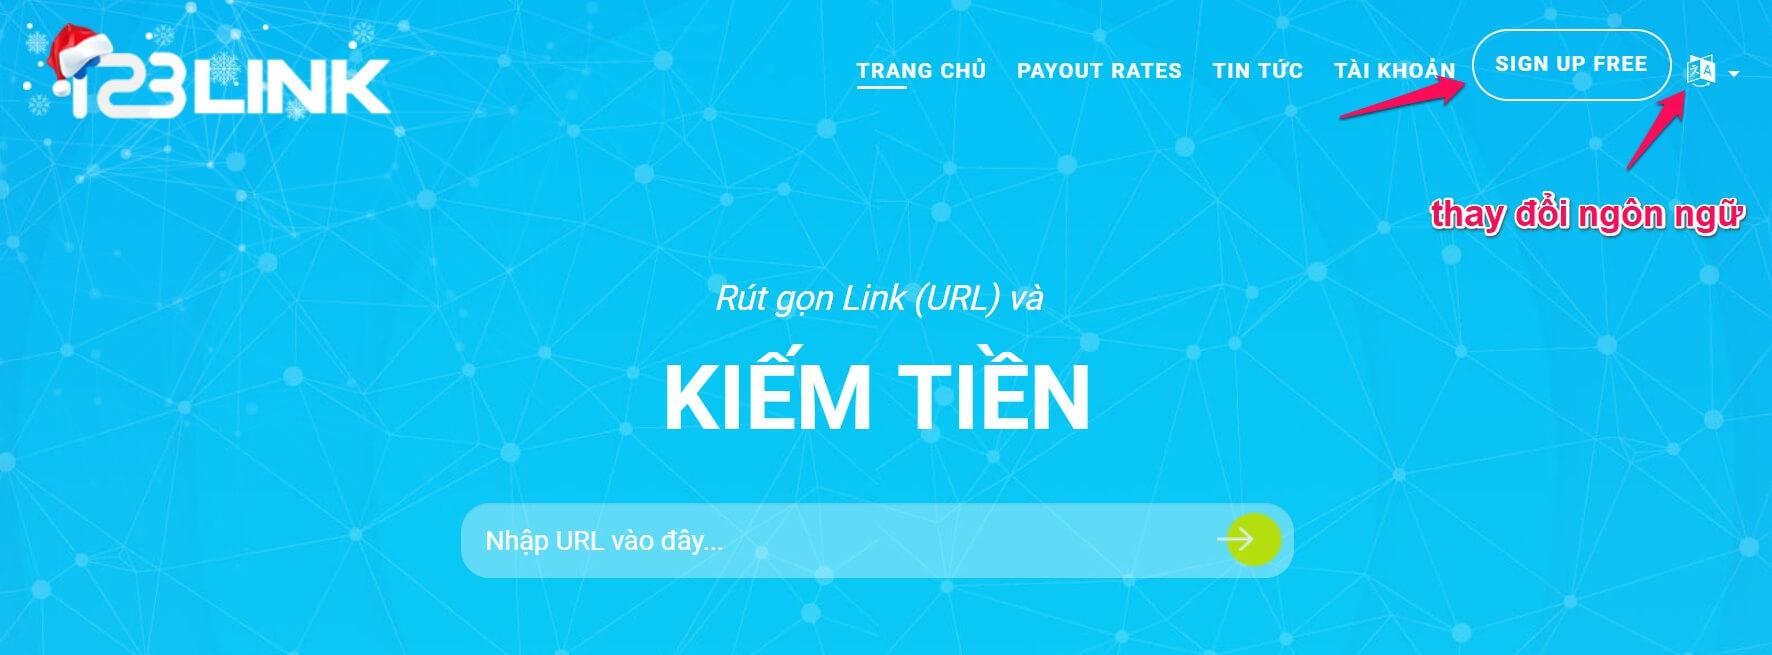 Đăng ký kiếm tiền bằng rút gọn link với 123link